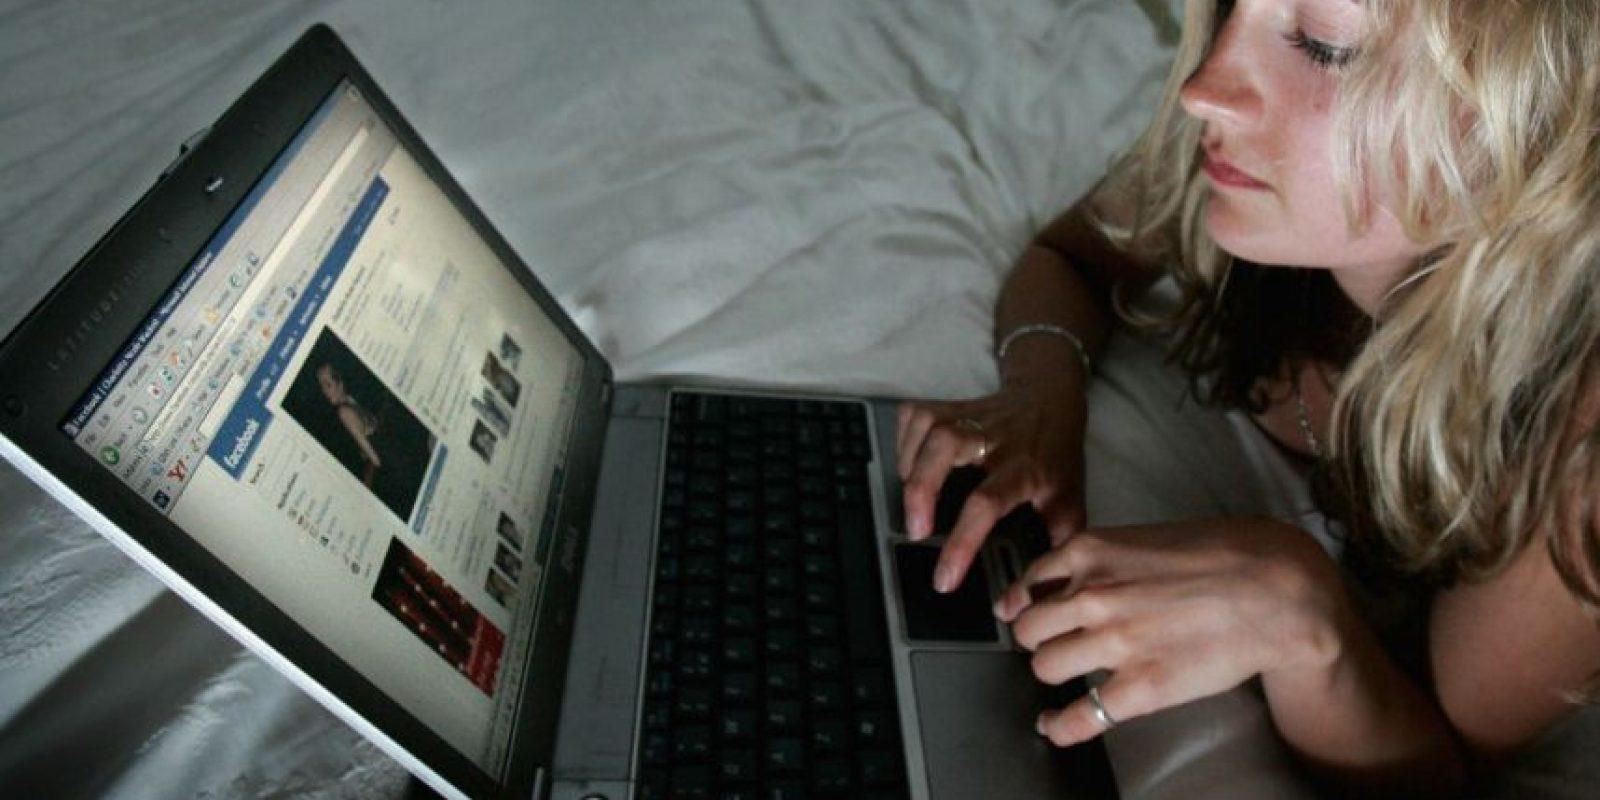 Jenna Moreton fue víctima del robo de identidad y tardó 4 años en darse cuenta. Foto:Getty Images